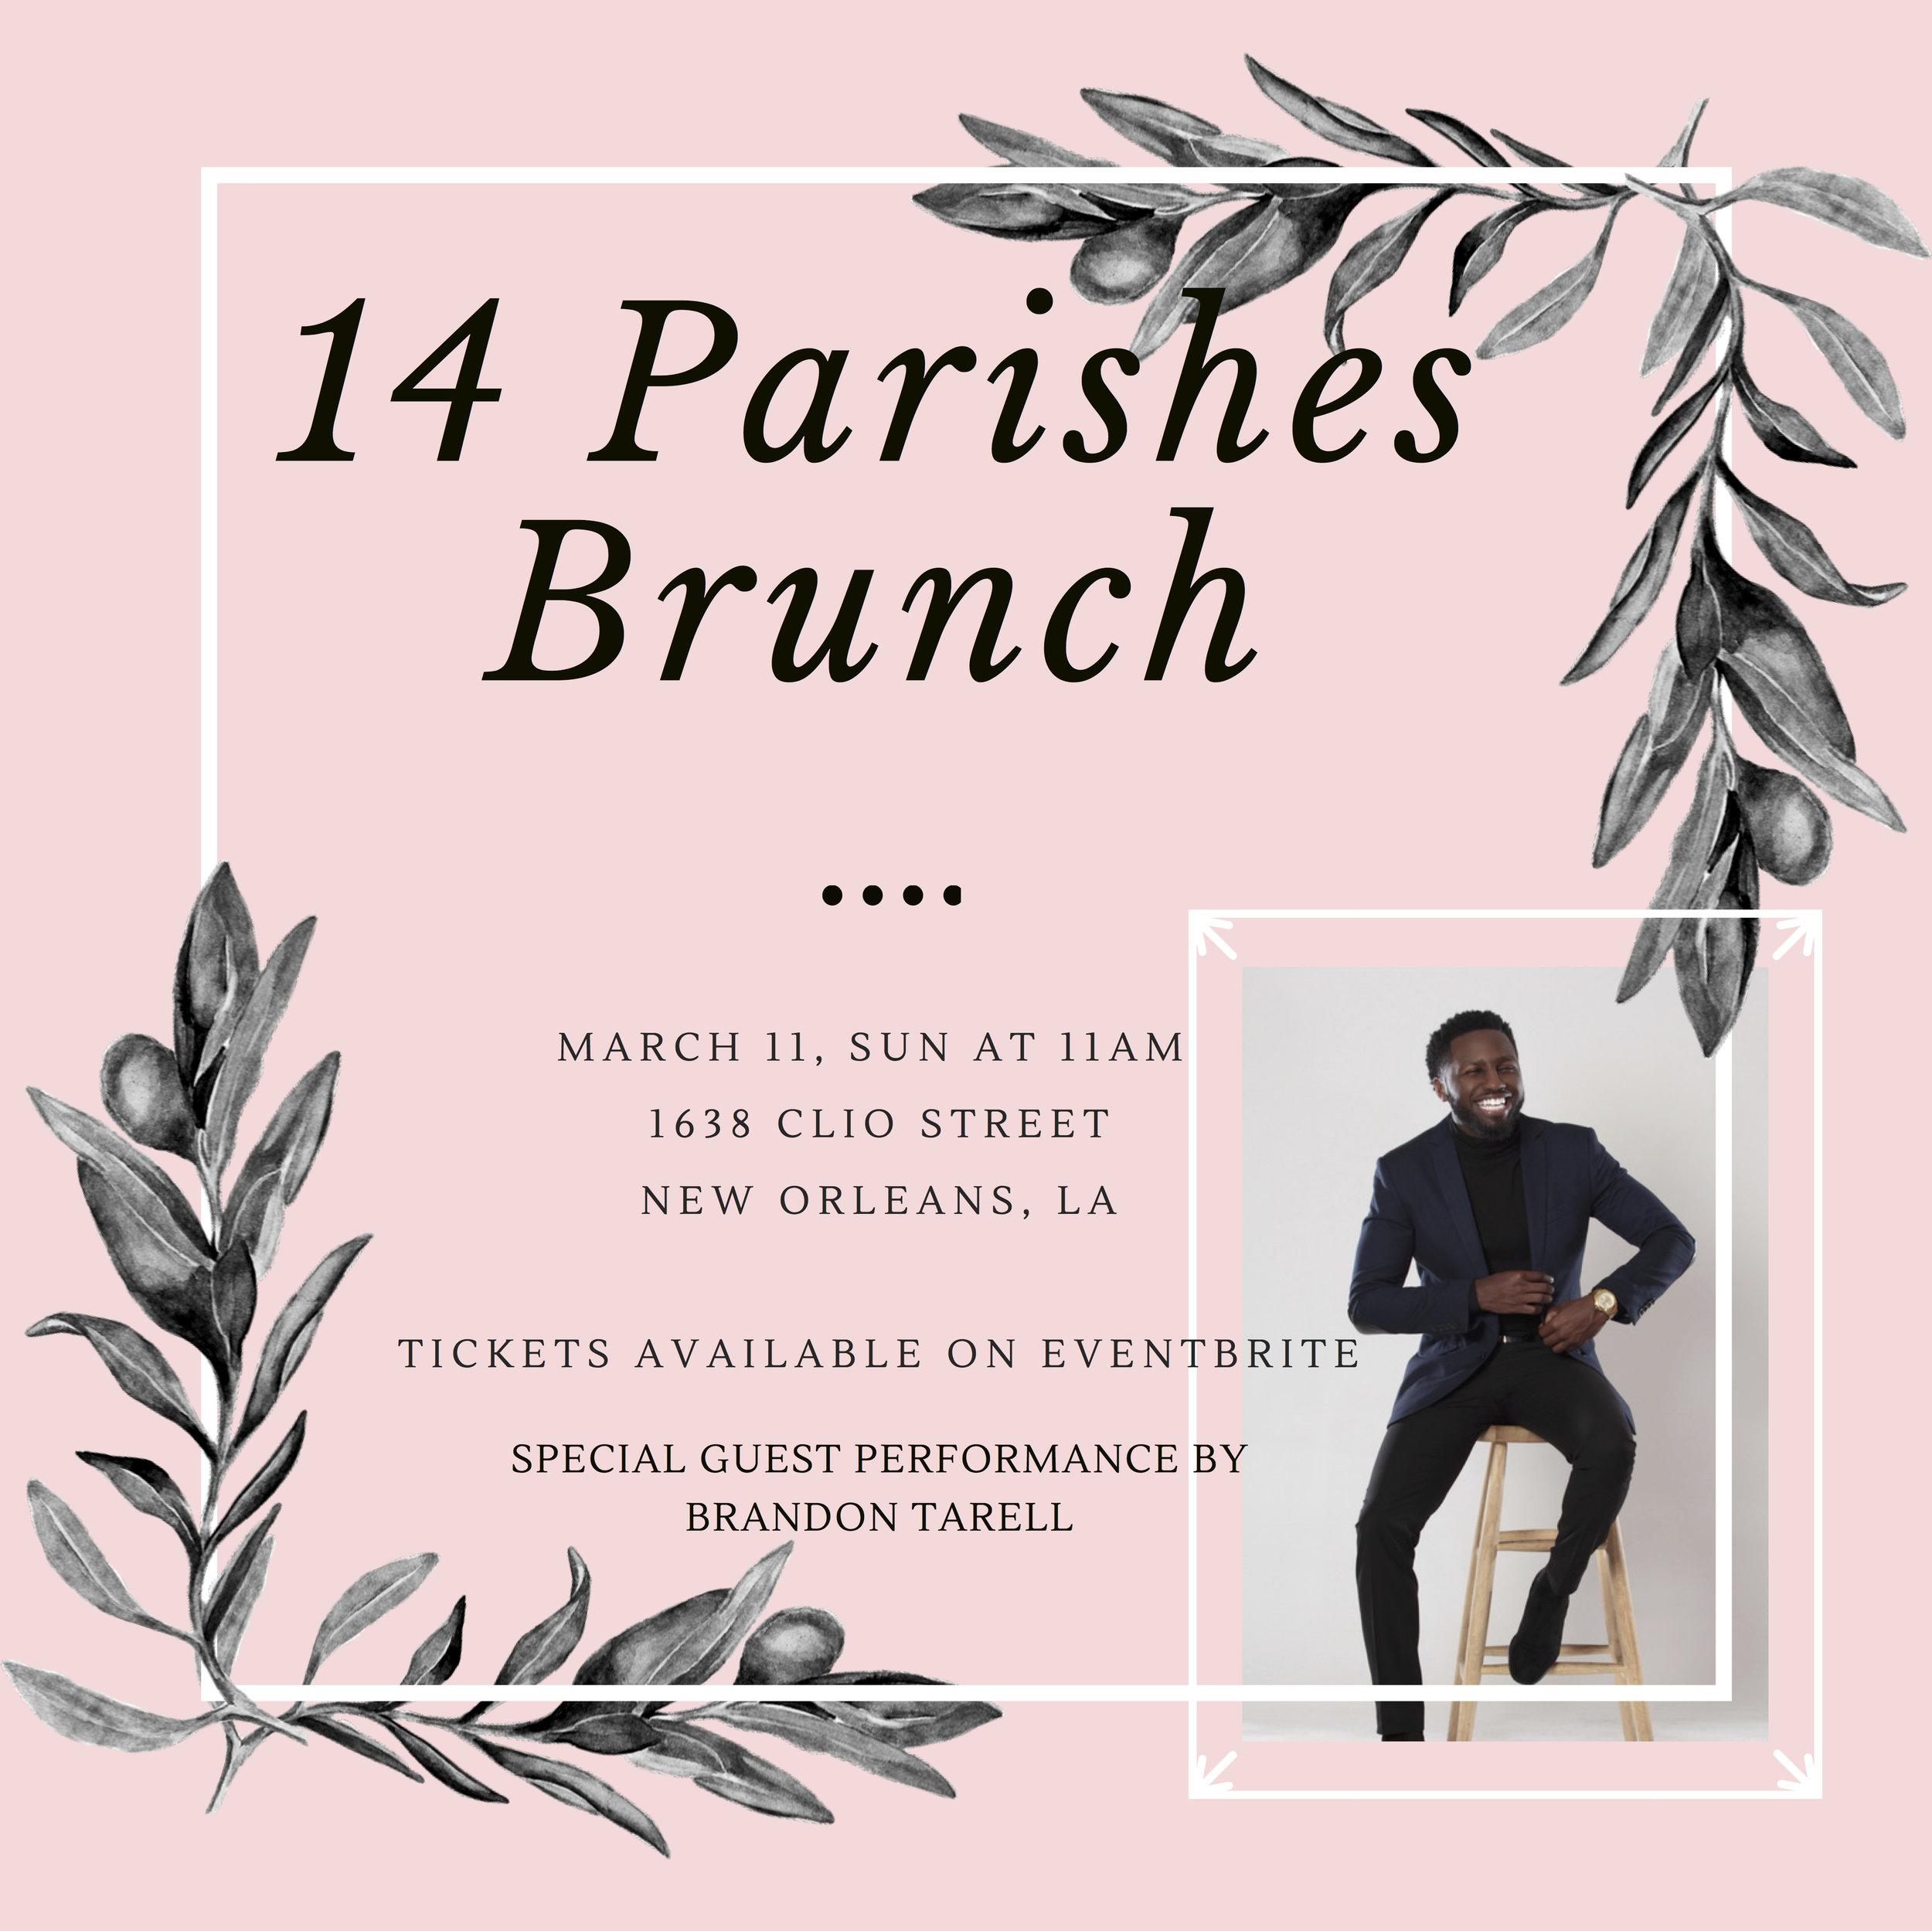 14 ParishesBrunch.jpg